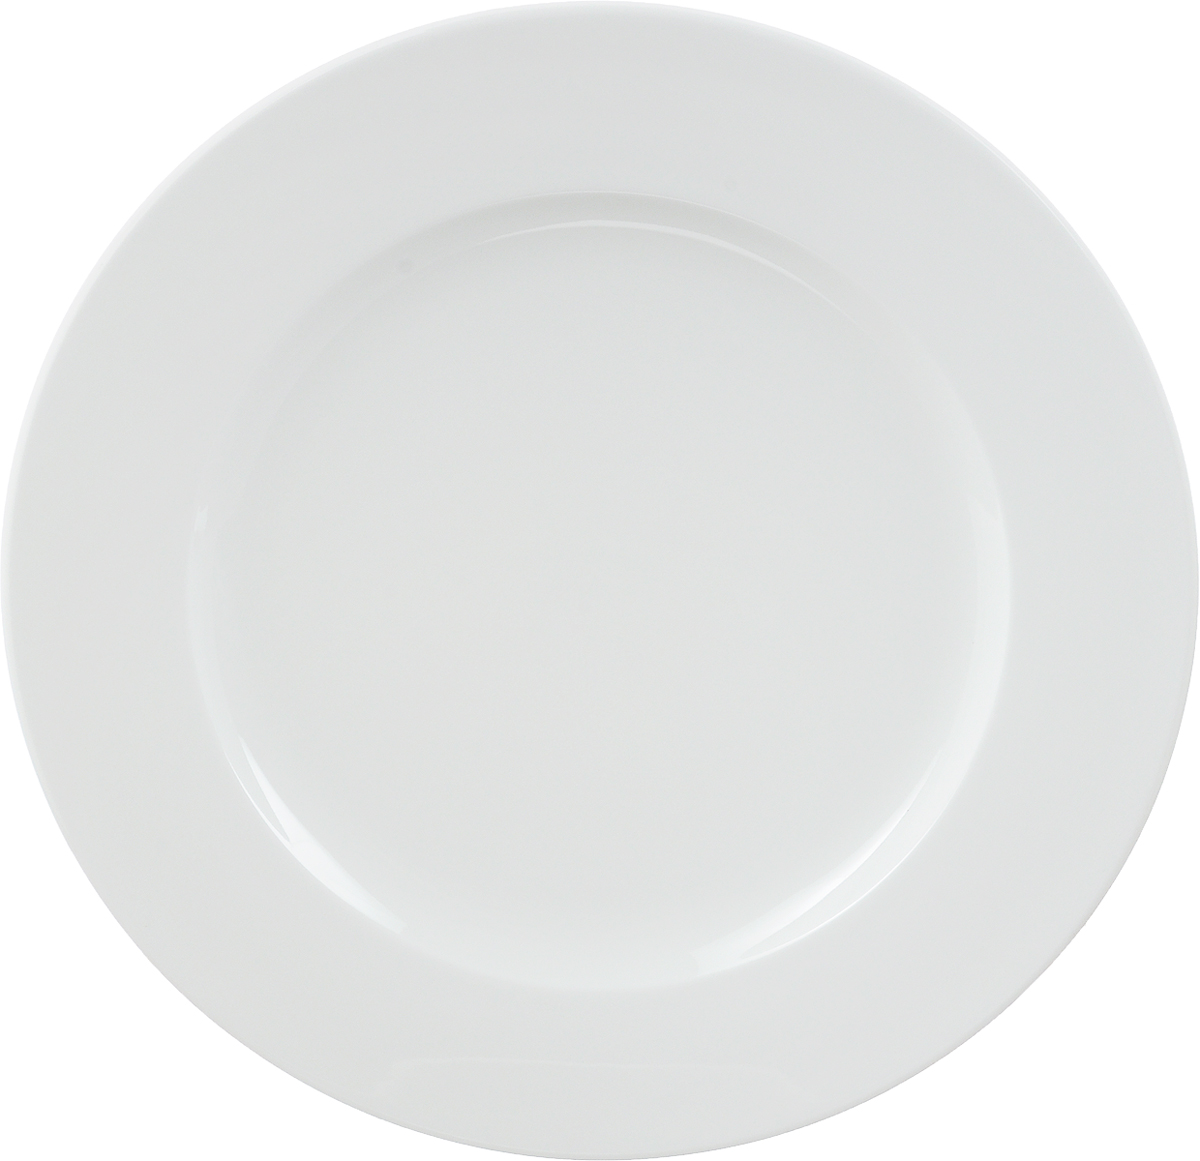 Тарелка мелкая Ariane Прайм, диаметр 31 см508023Мелкая тарелка Ariane Прайм, изготовленная из высококачественного фарфора, имеет классическую круглую форму. Такая тарелка отлично подойдет в качестве блюда для сервировки закусок, нарезок, горячих блюд. Изделие прекрасно впишется в интерьер вашей кухни и станет достойным дополнением к кухонному инвентарю. Тарелка Ariane Прайм подчеркнет прекрасный вкус хозяйки и станет отличным подарком.Можно мыть в посудомоечной машине и использовать в микроволновой печи. Высота тарелки: 2 см.Диаметр тарелки: 31 см.